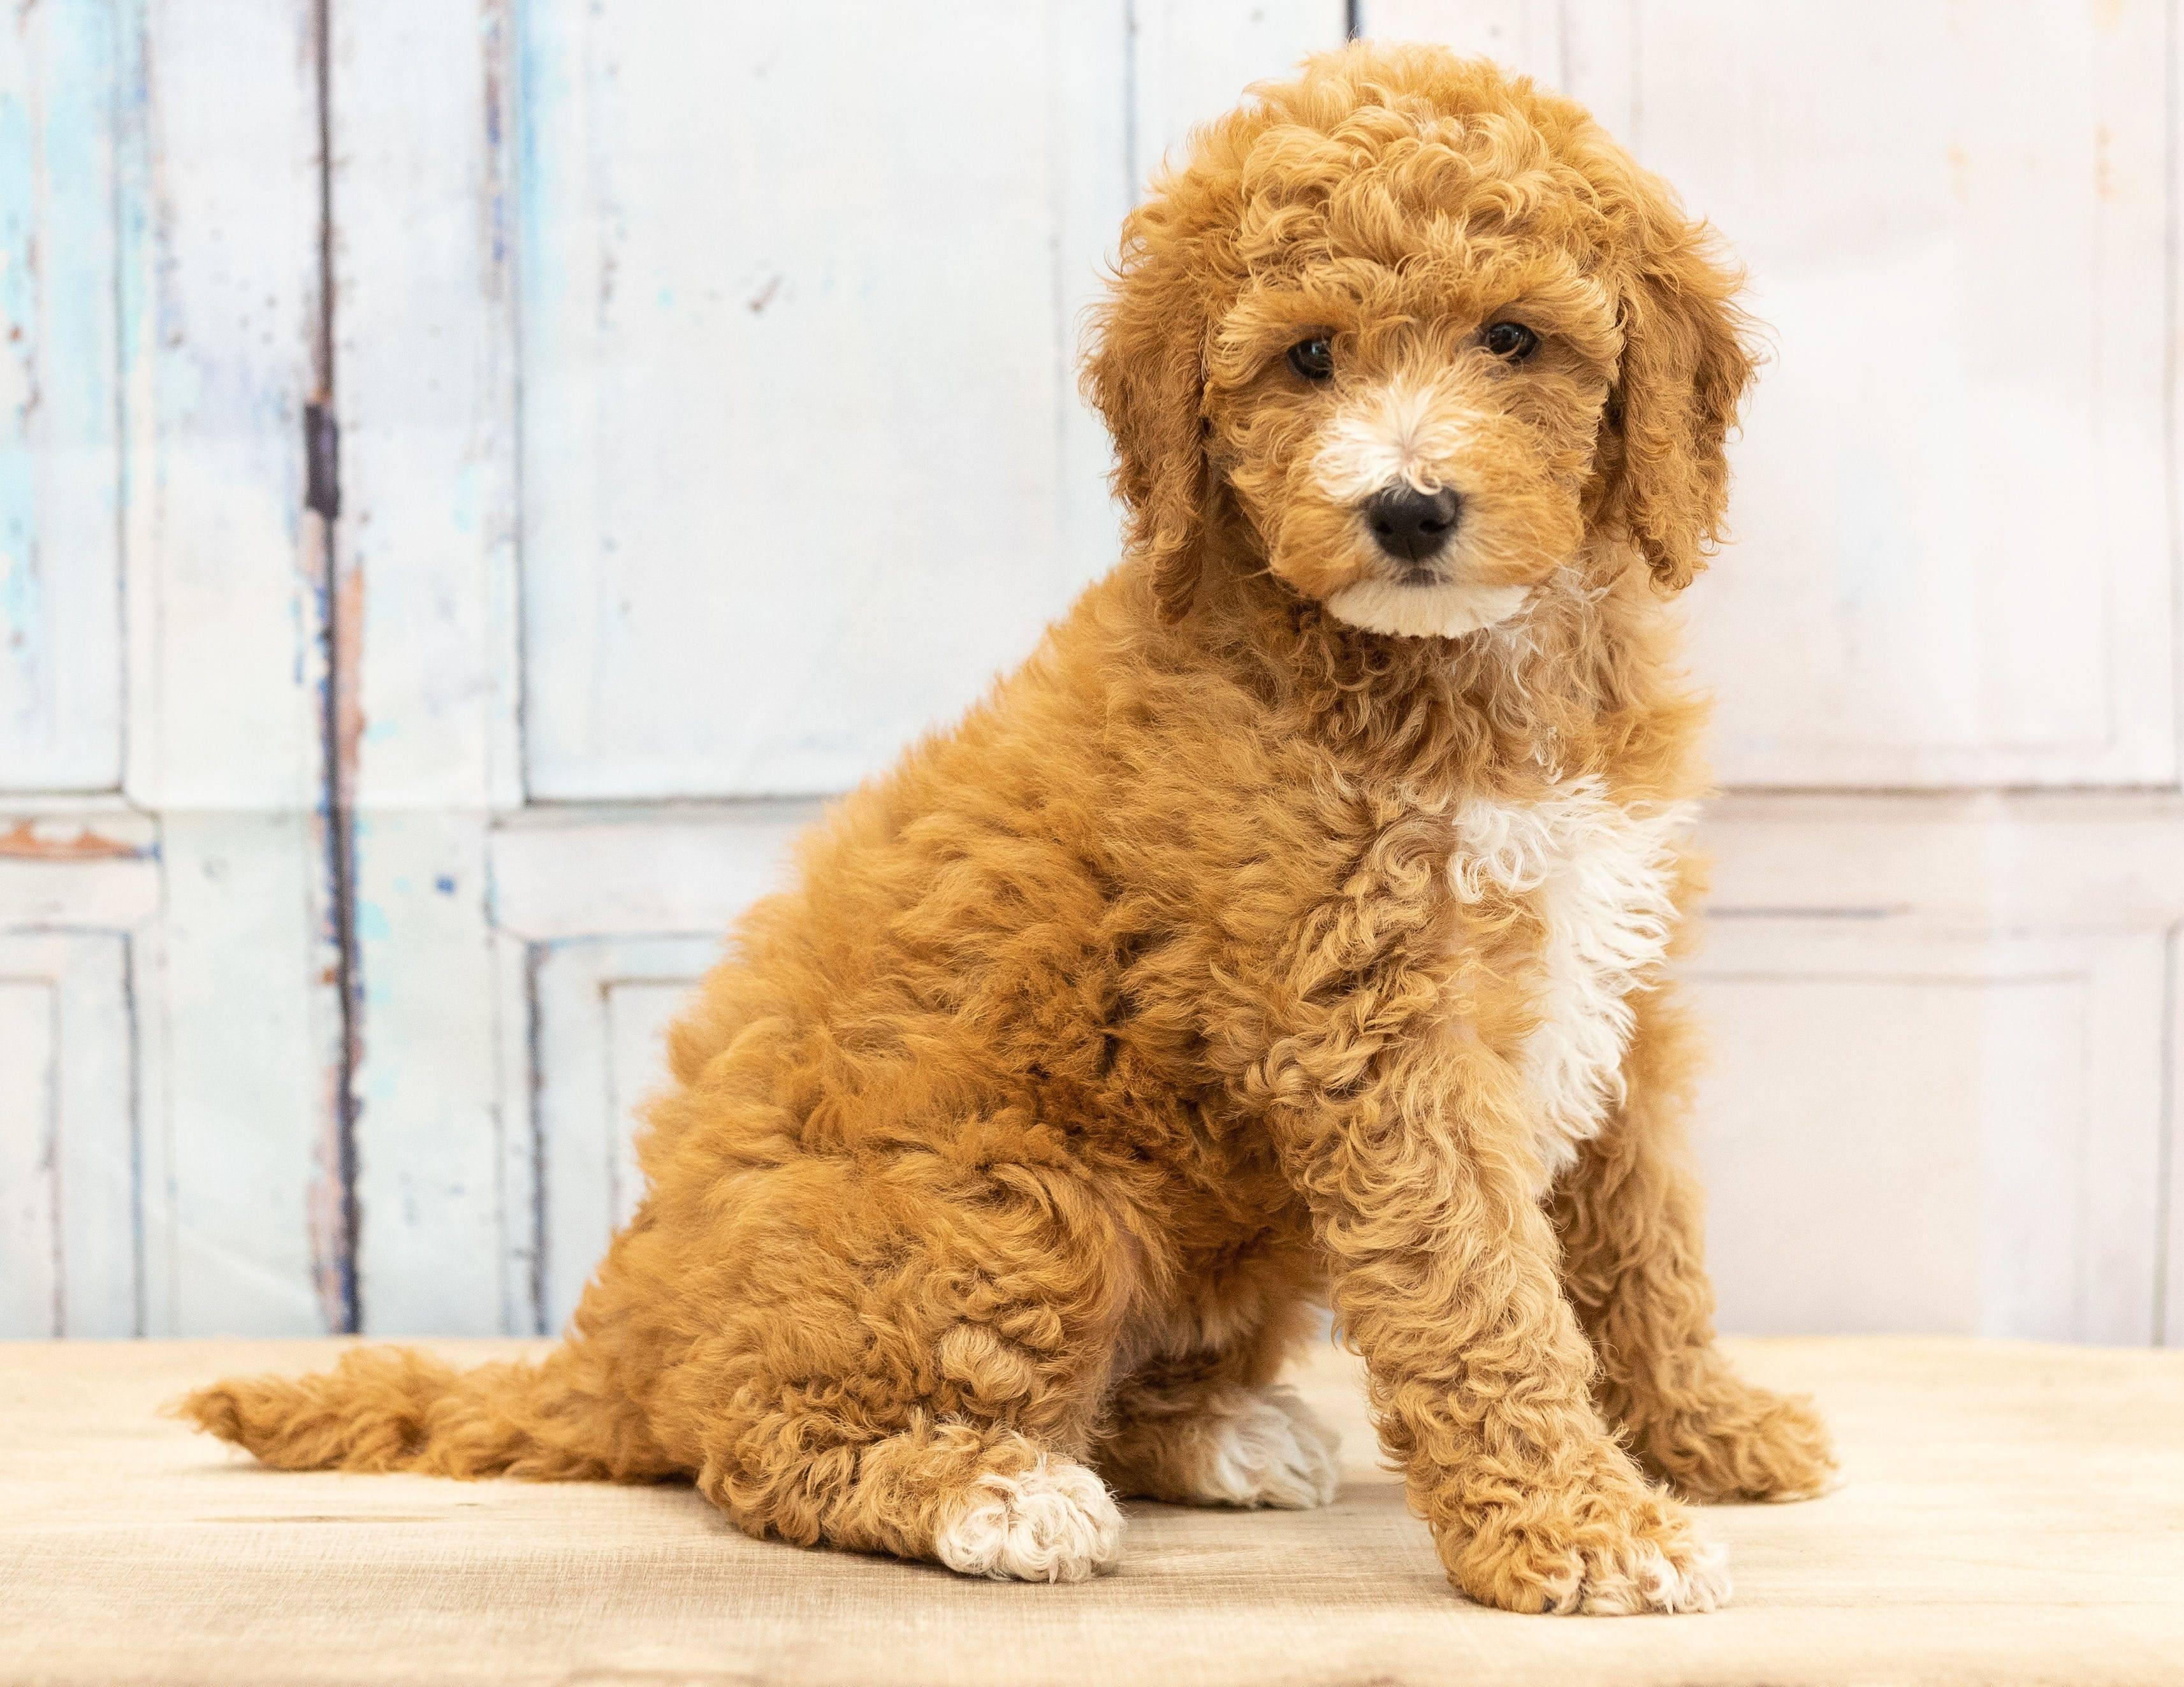 Нелиняющие породы собак: 20 гипоаллергенных пород. собаки, которые не линяют: фото и описание. - petstime.ru